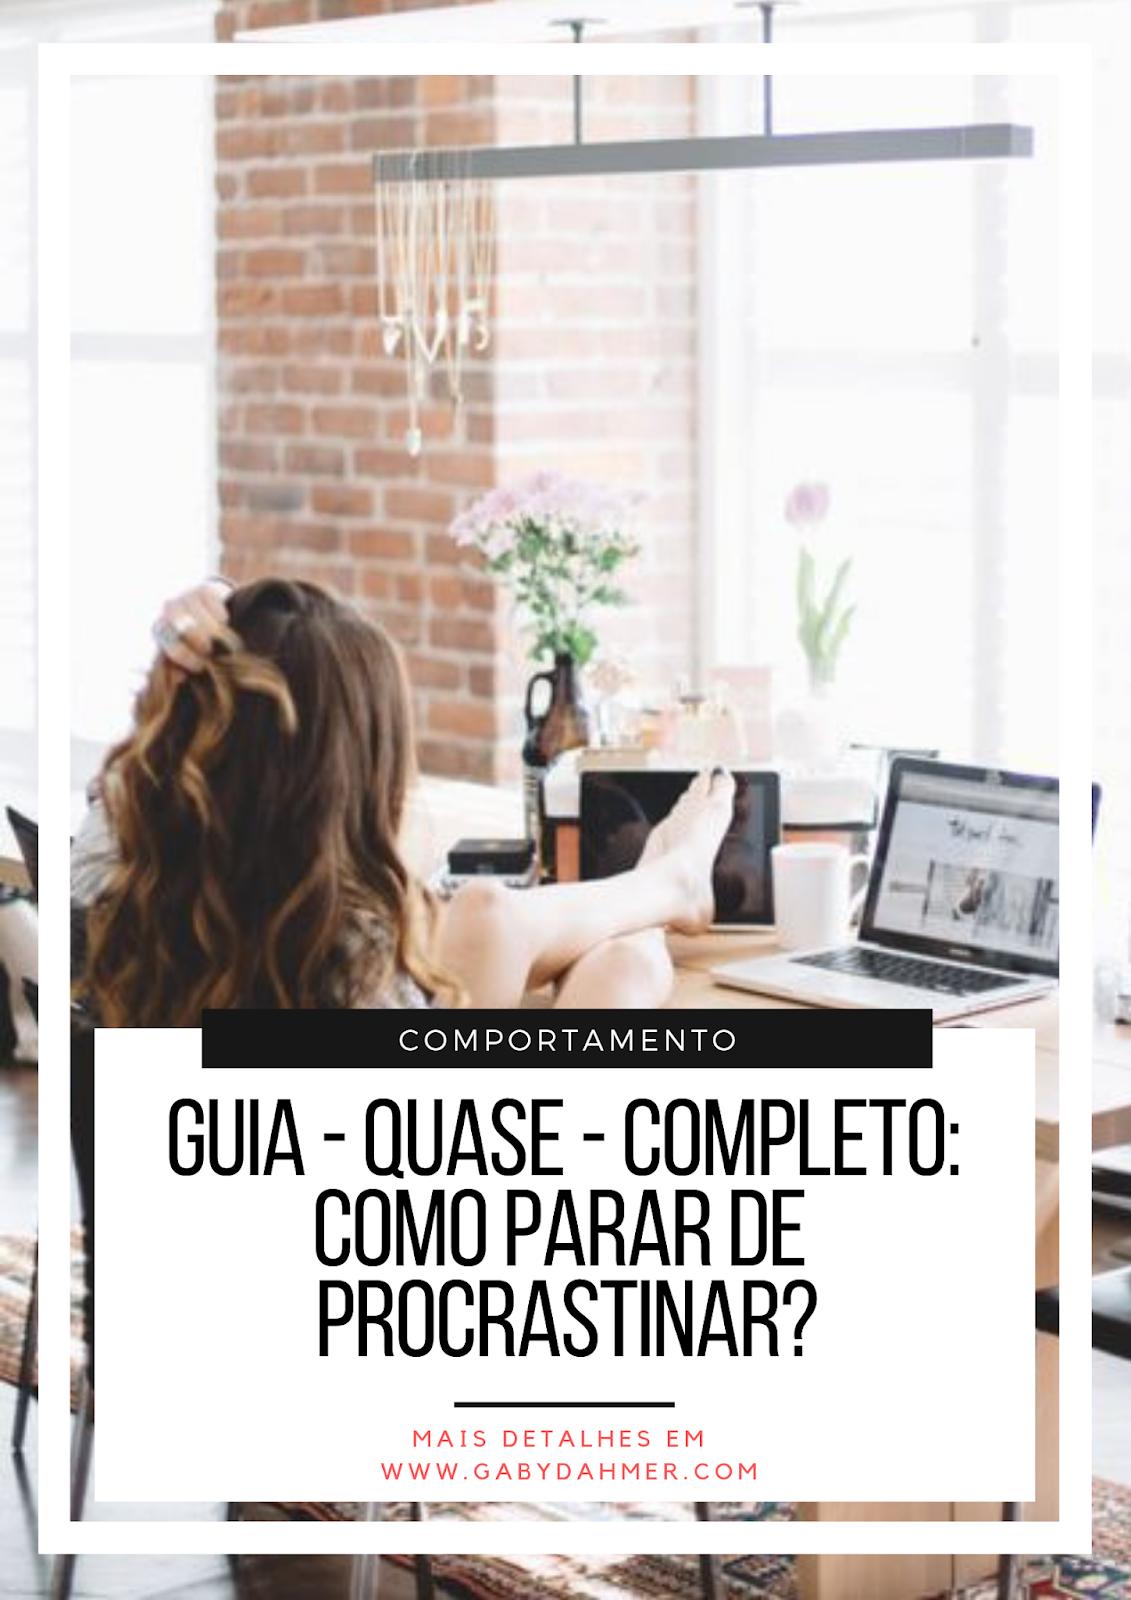 Você sabe como parar de procrastinar? Descubra nesse guia. Leia mais: